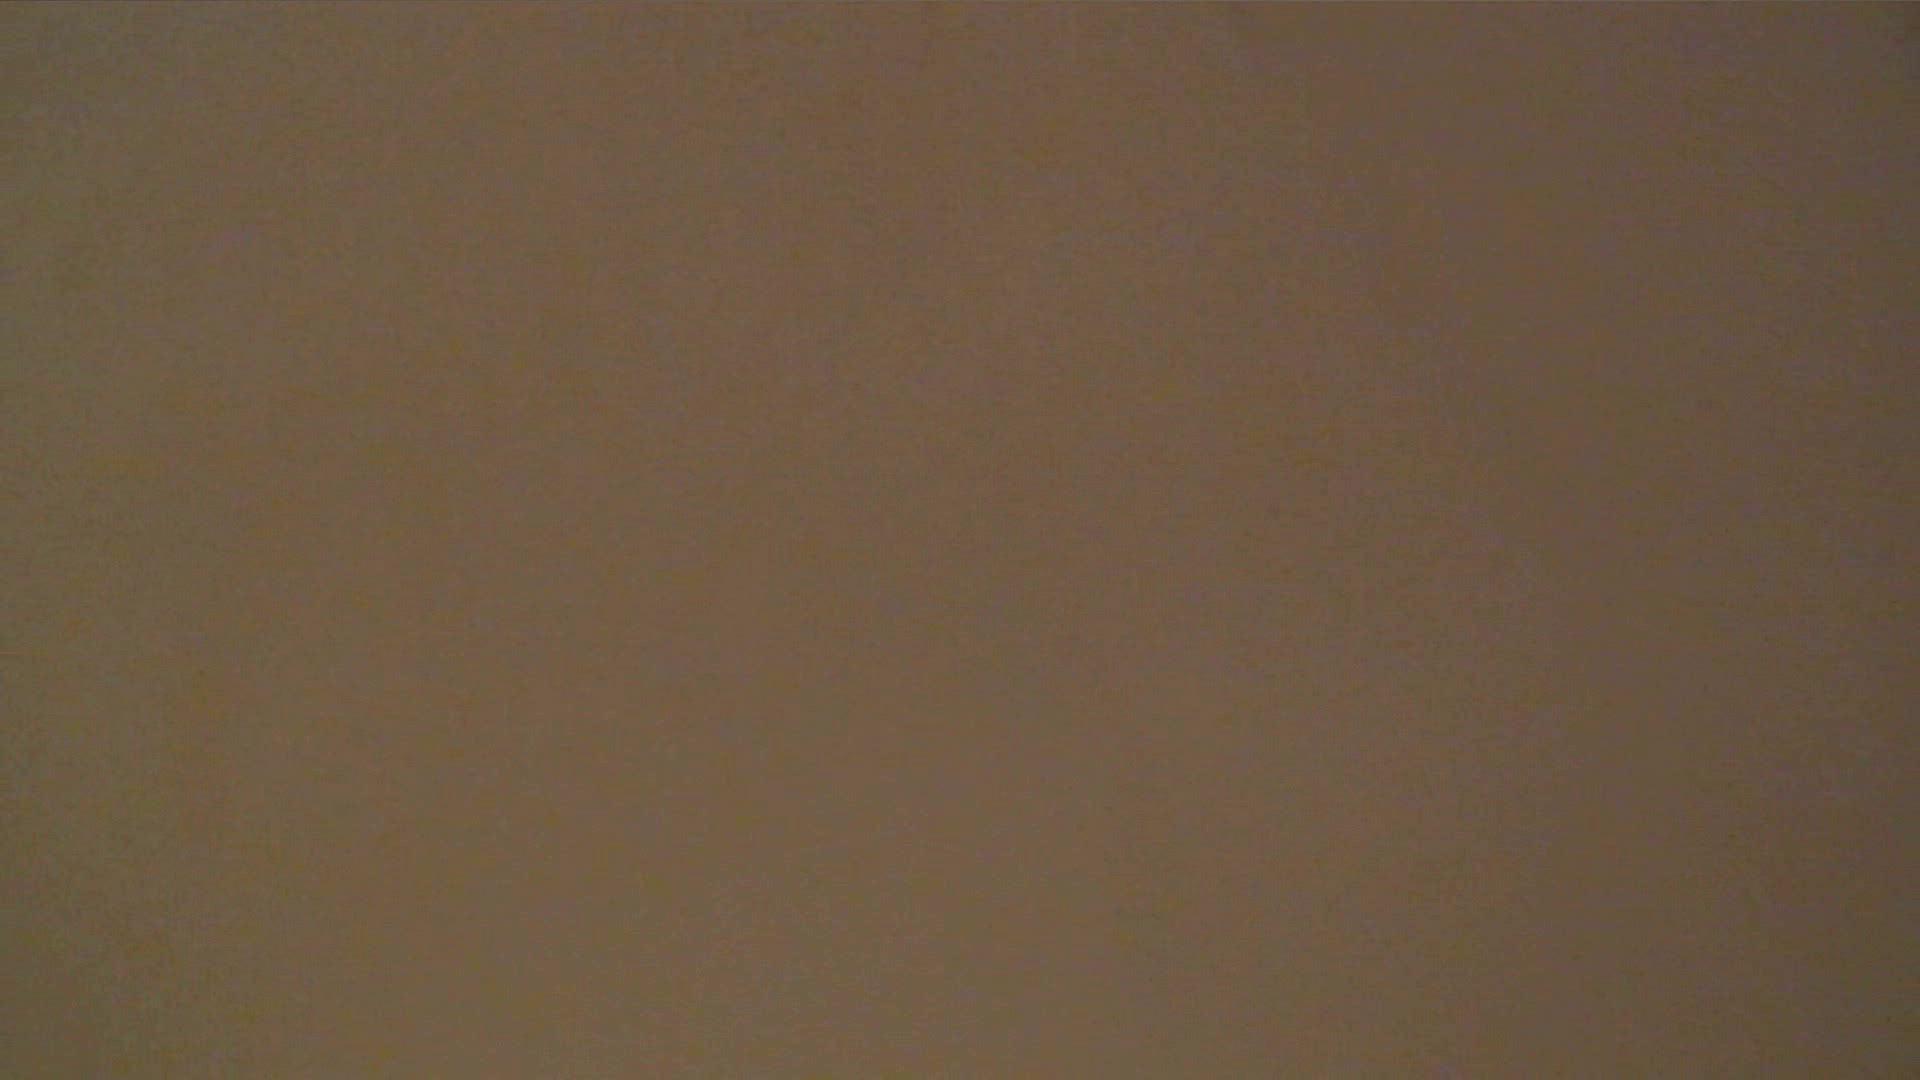 洗寿観音さんの 化粧室は四面楚歌Nol.3 洗面所 | OLのボディ  51PIX 31